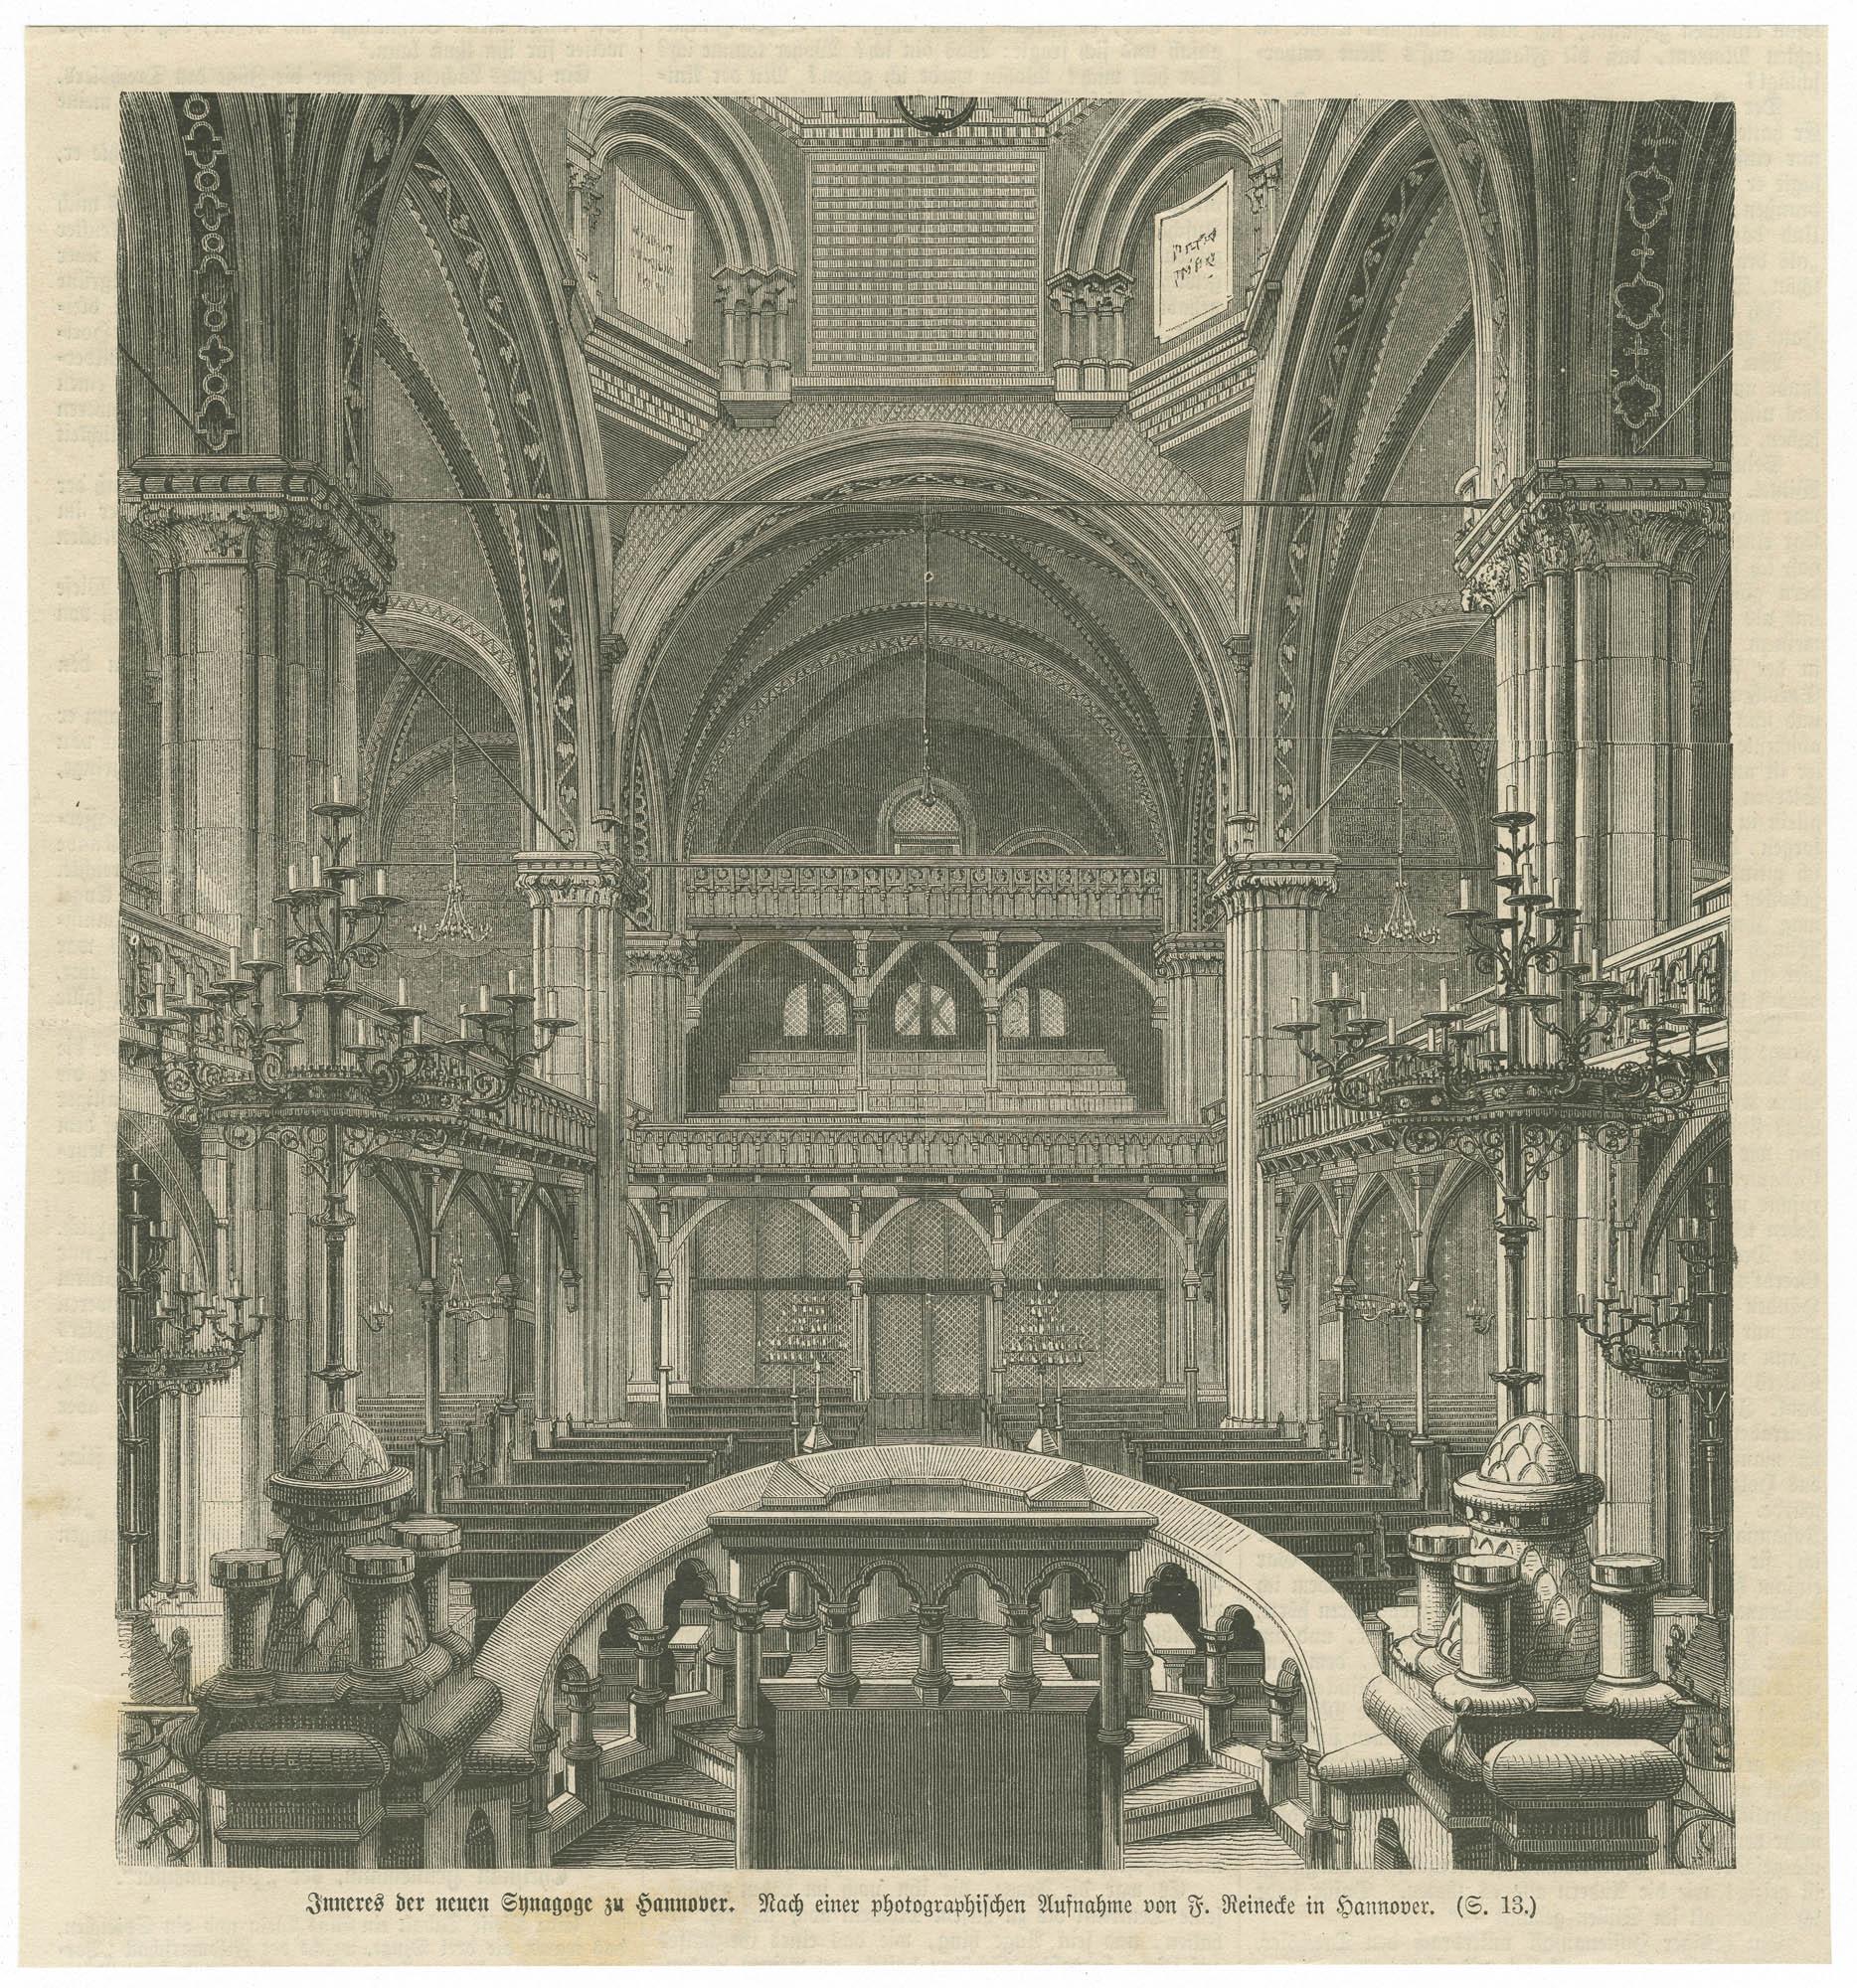 Inneres der neuen Synagoge zu Hannover